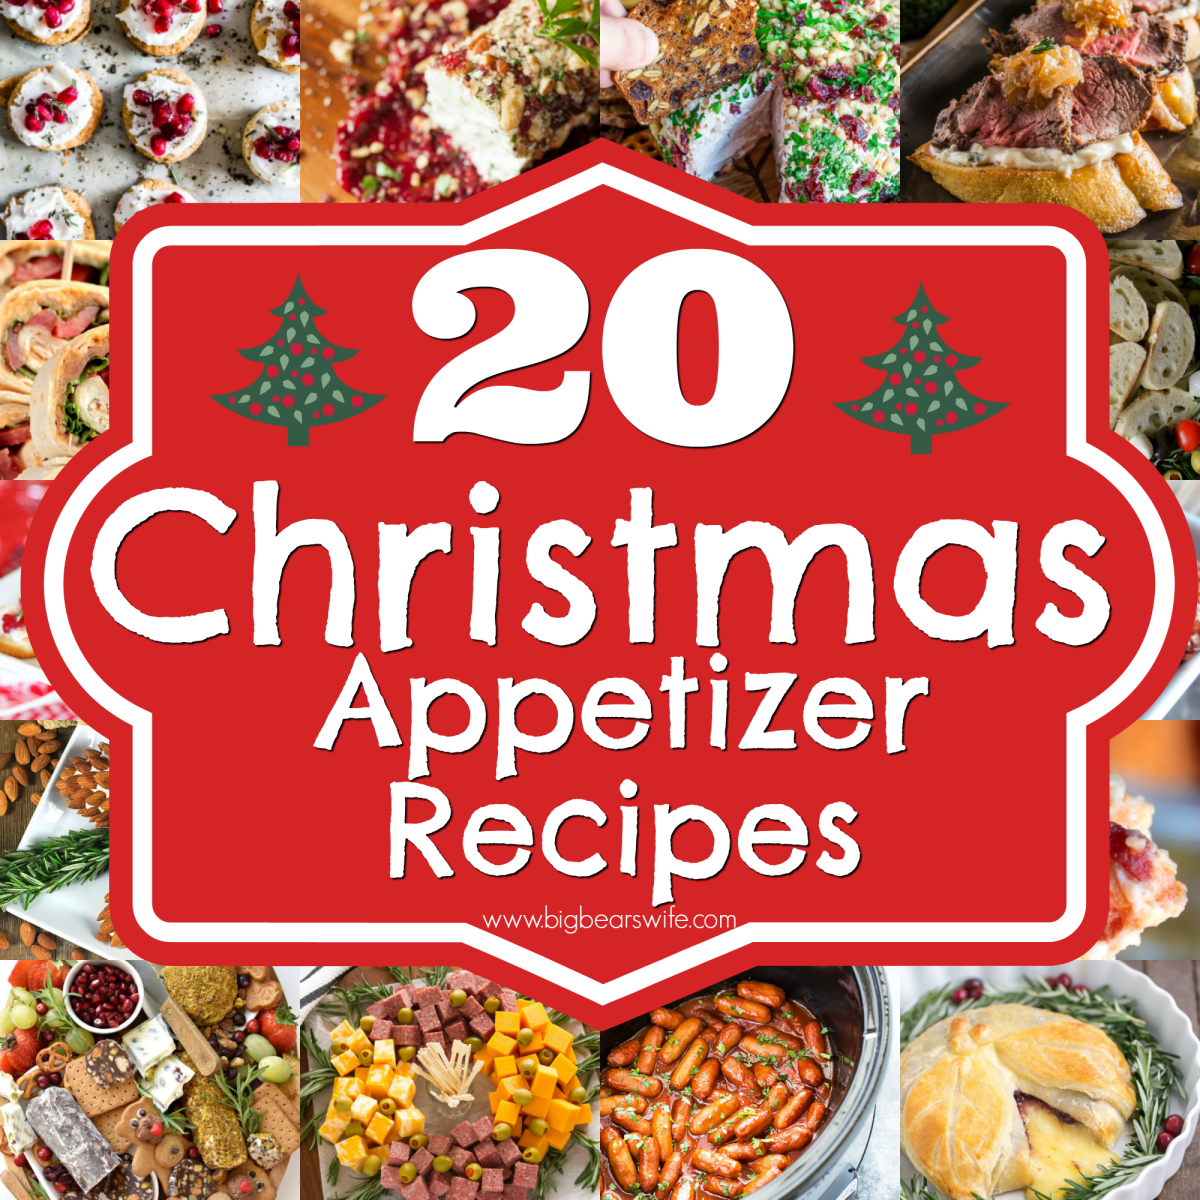 20 Christmas Appetizer Recipes